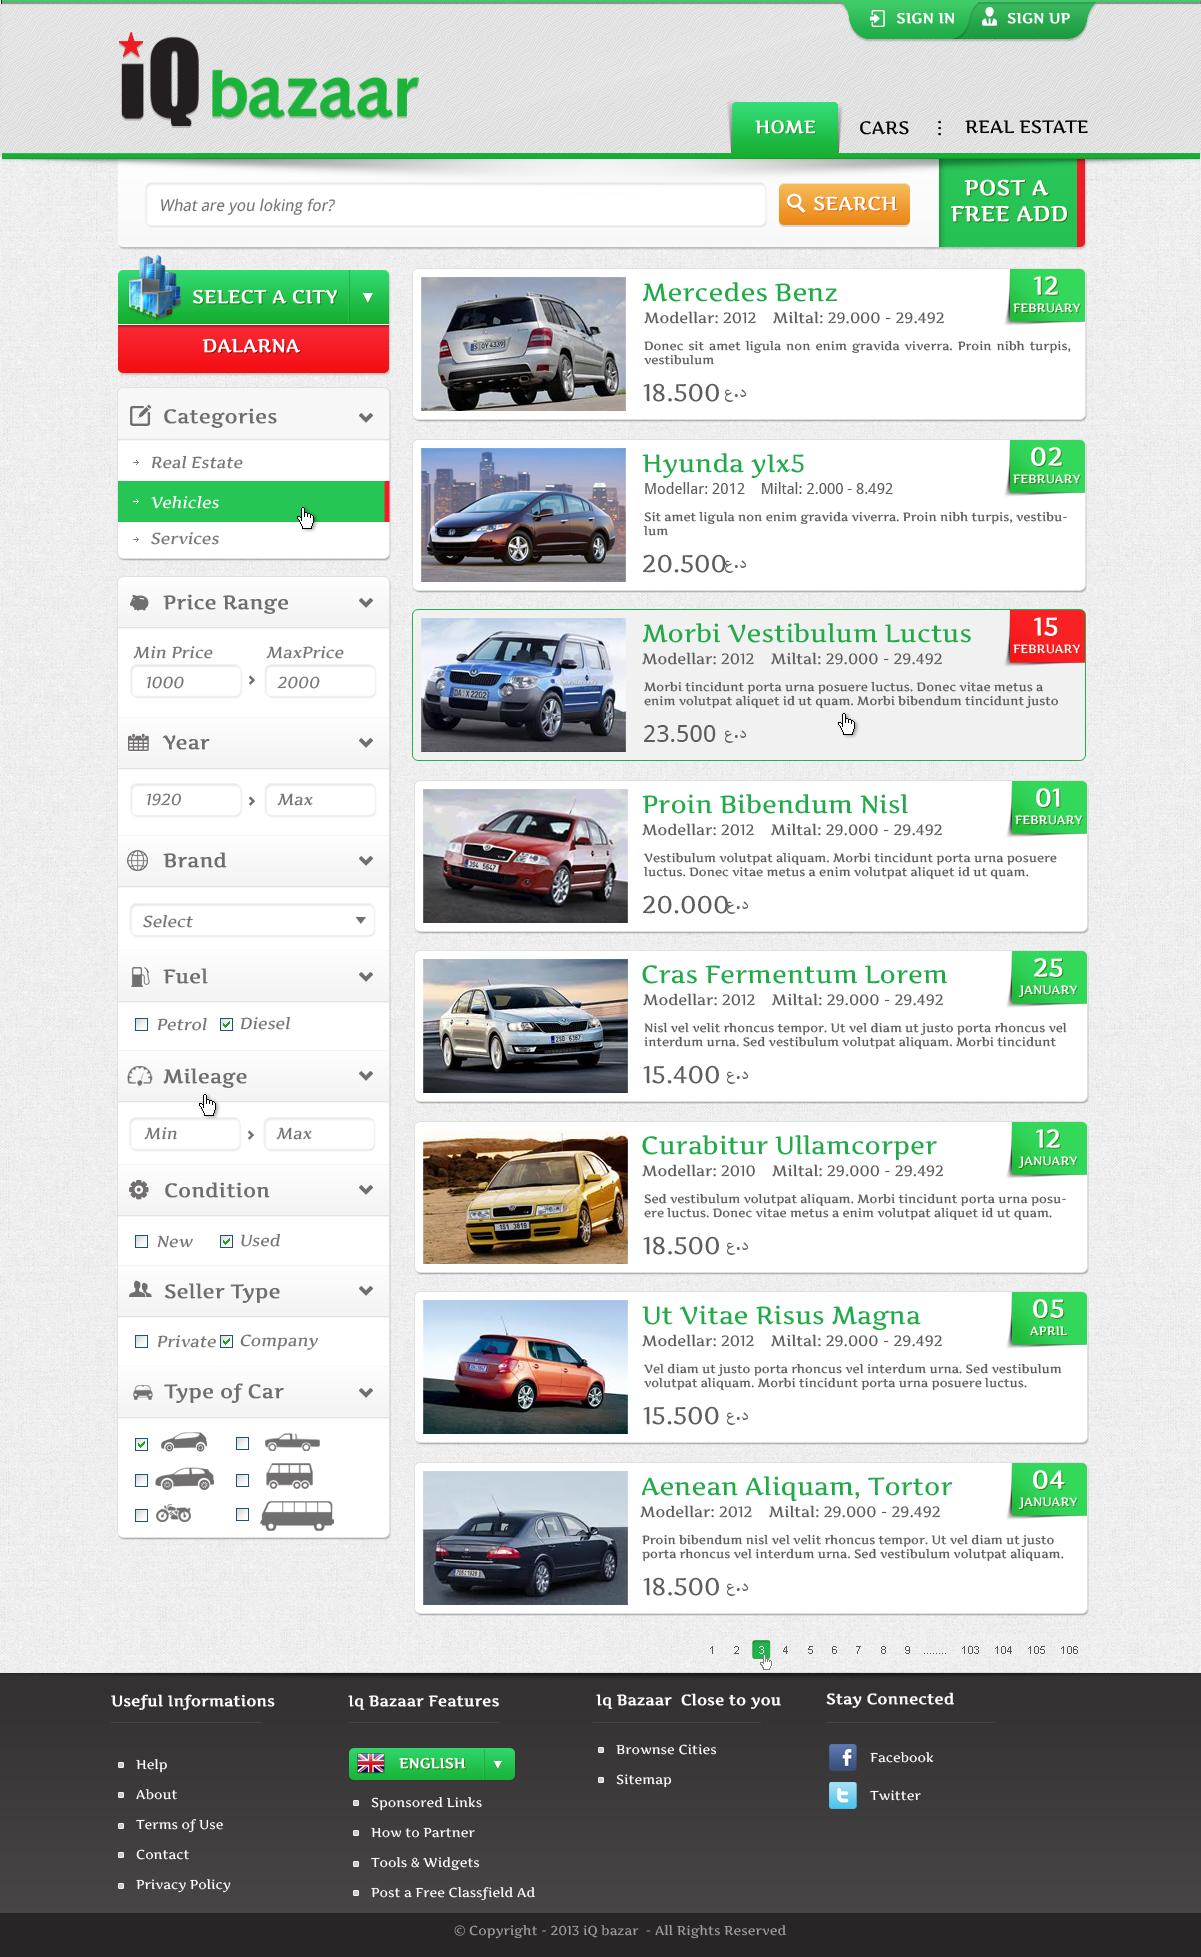 New website design wanted for iQ Bazaar